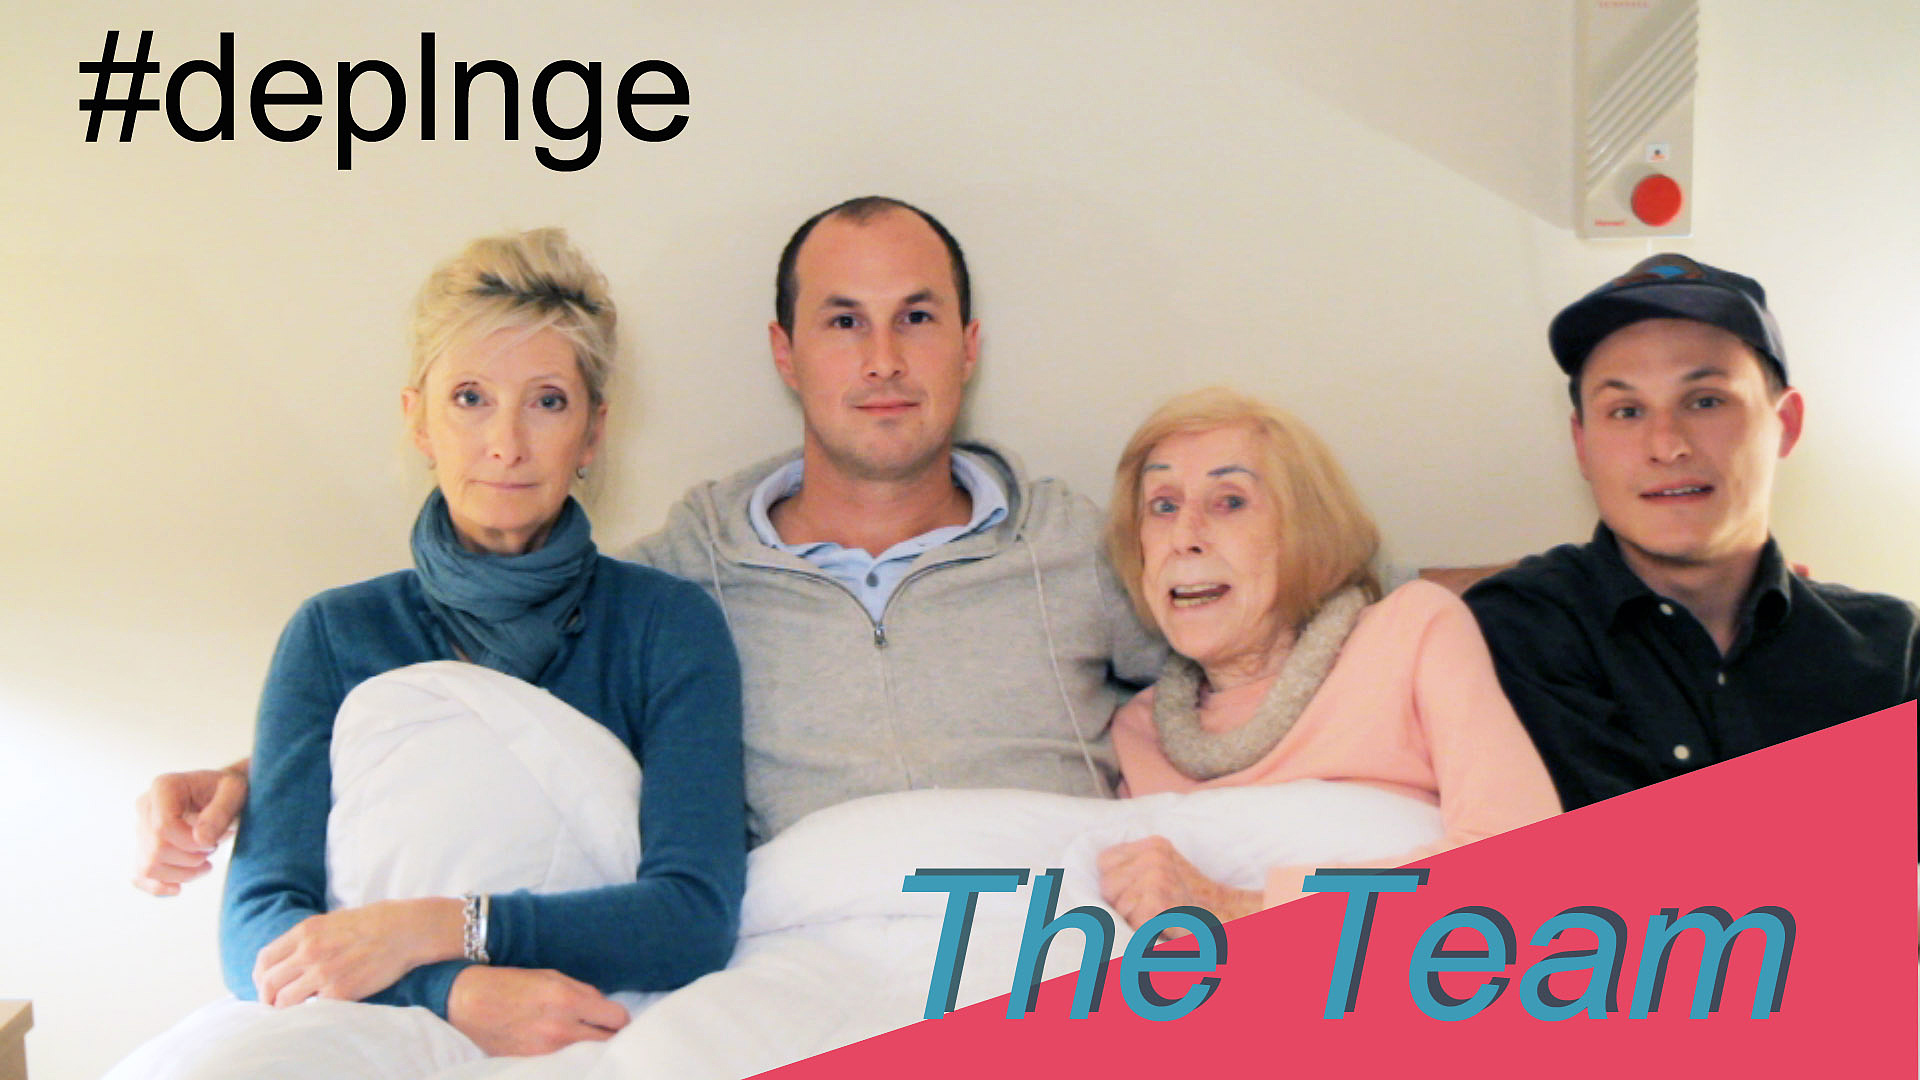 Team #Deplnge